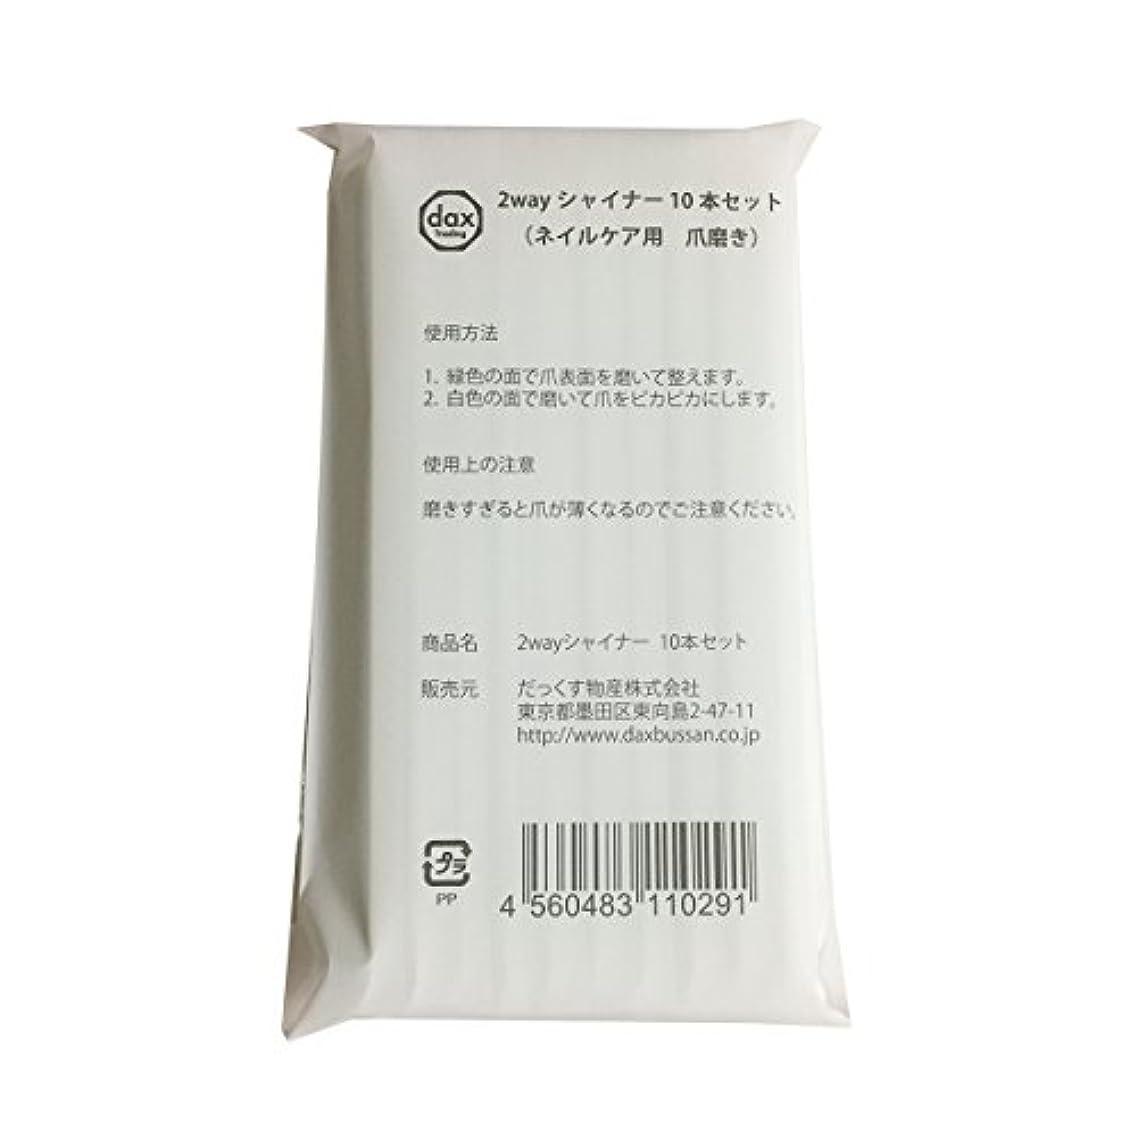 【だっくす物産】2wayシャイナー 10本セット (ネイルケア用 爪磨き)